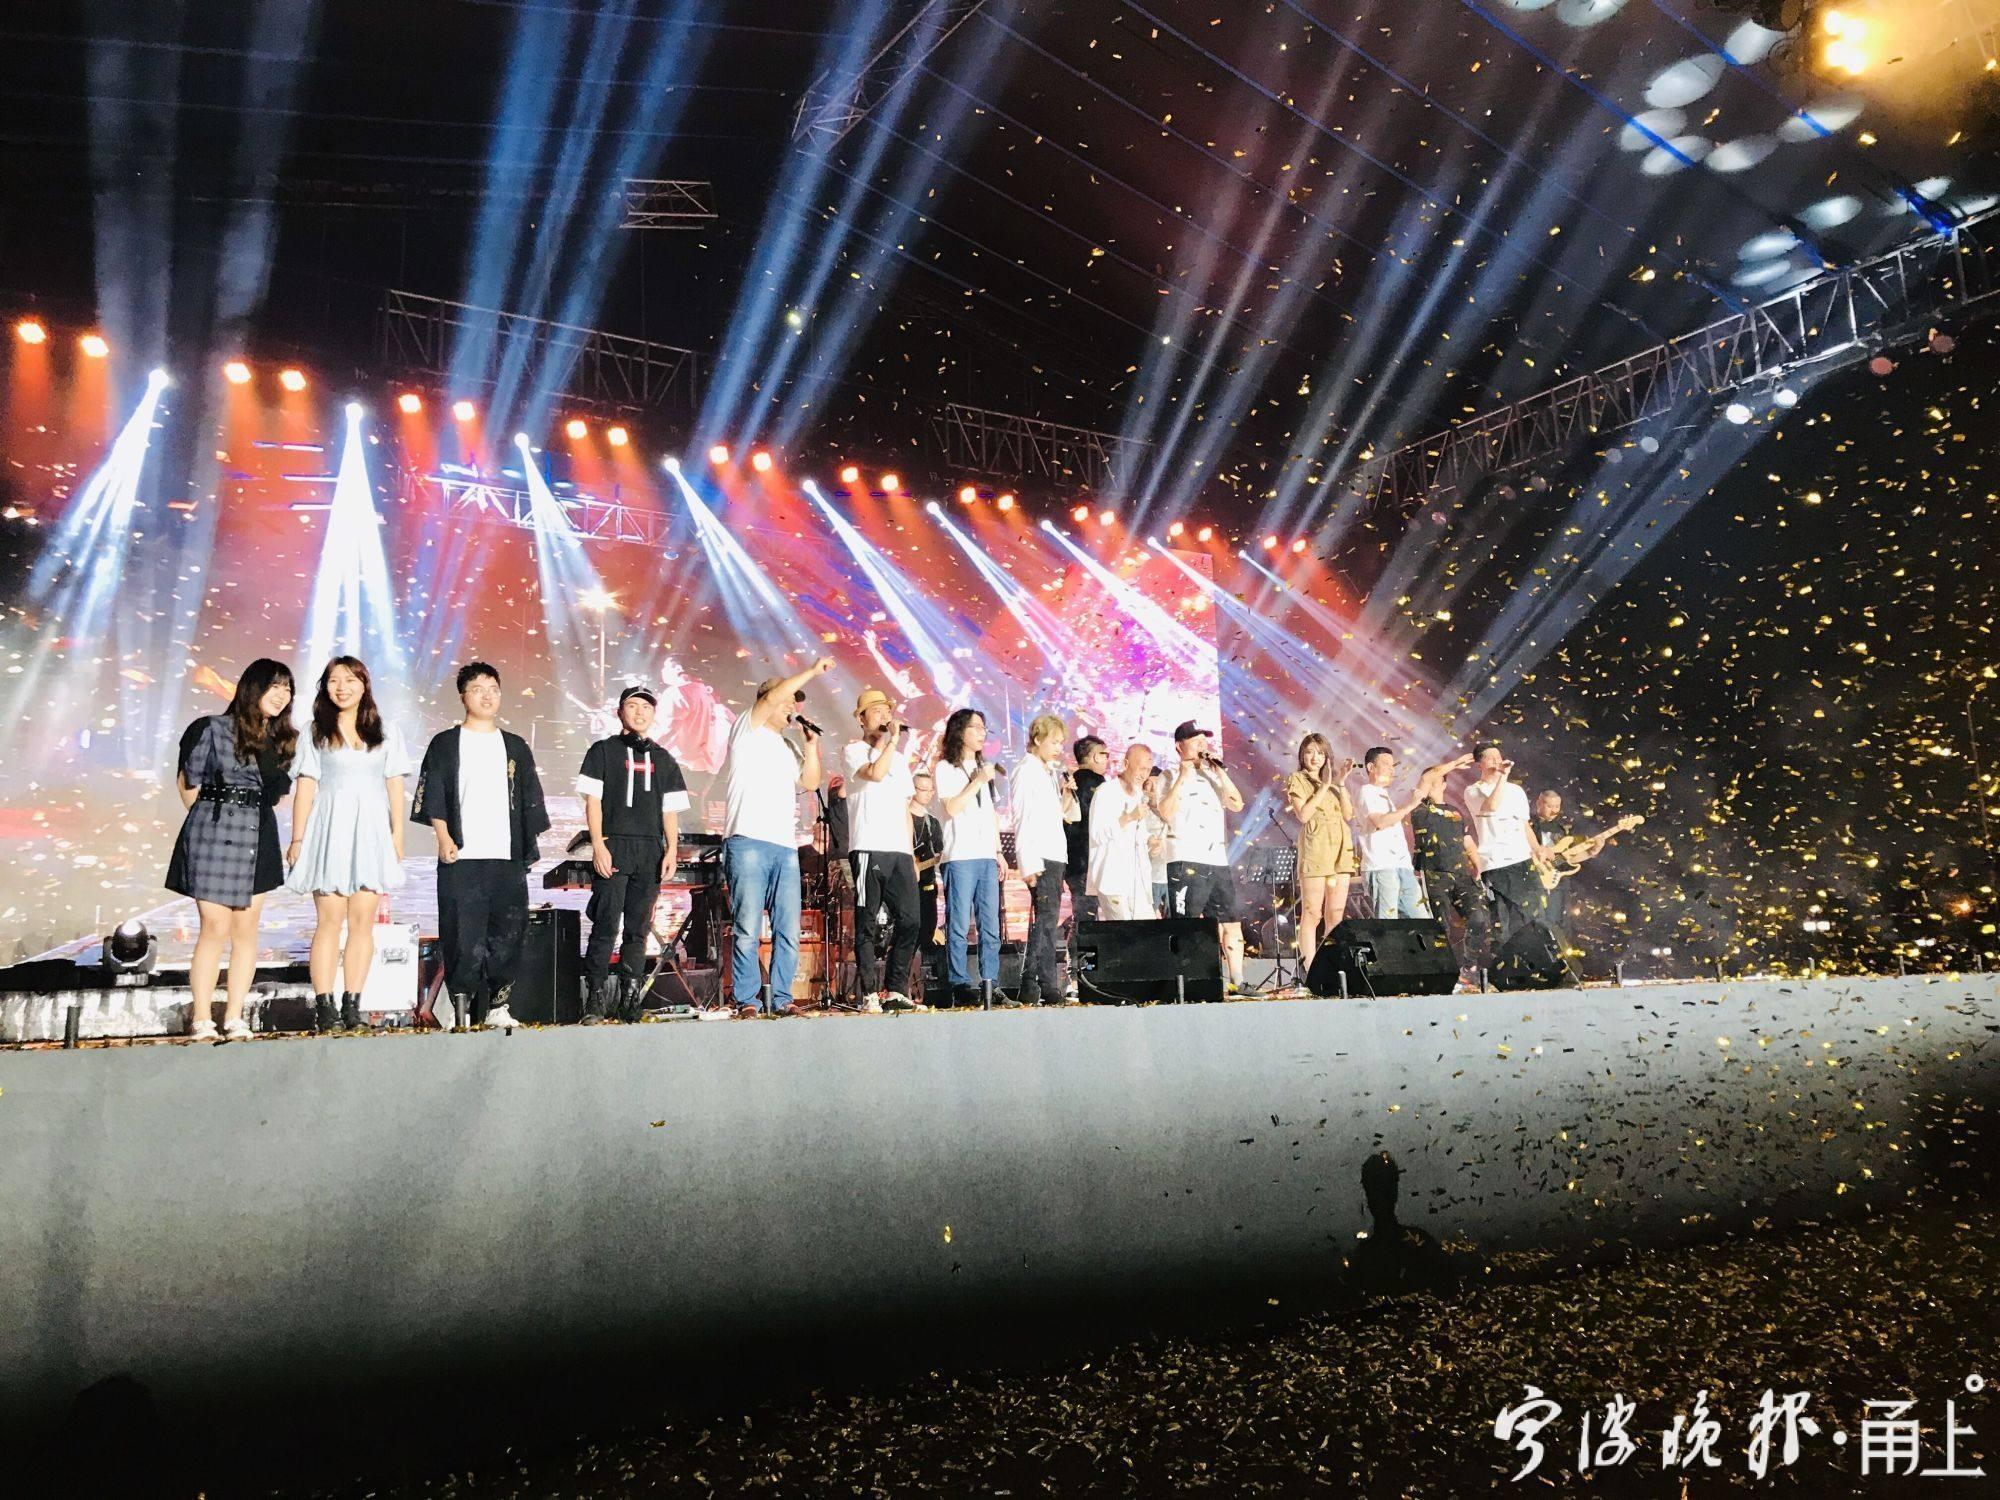 宁波新乡村夏季音乐会在杭州火爆开唱 陈彼得张楚都来了